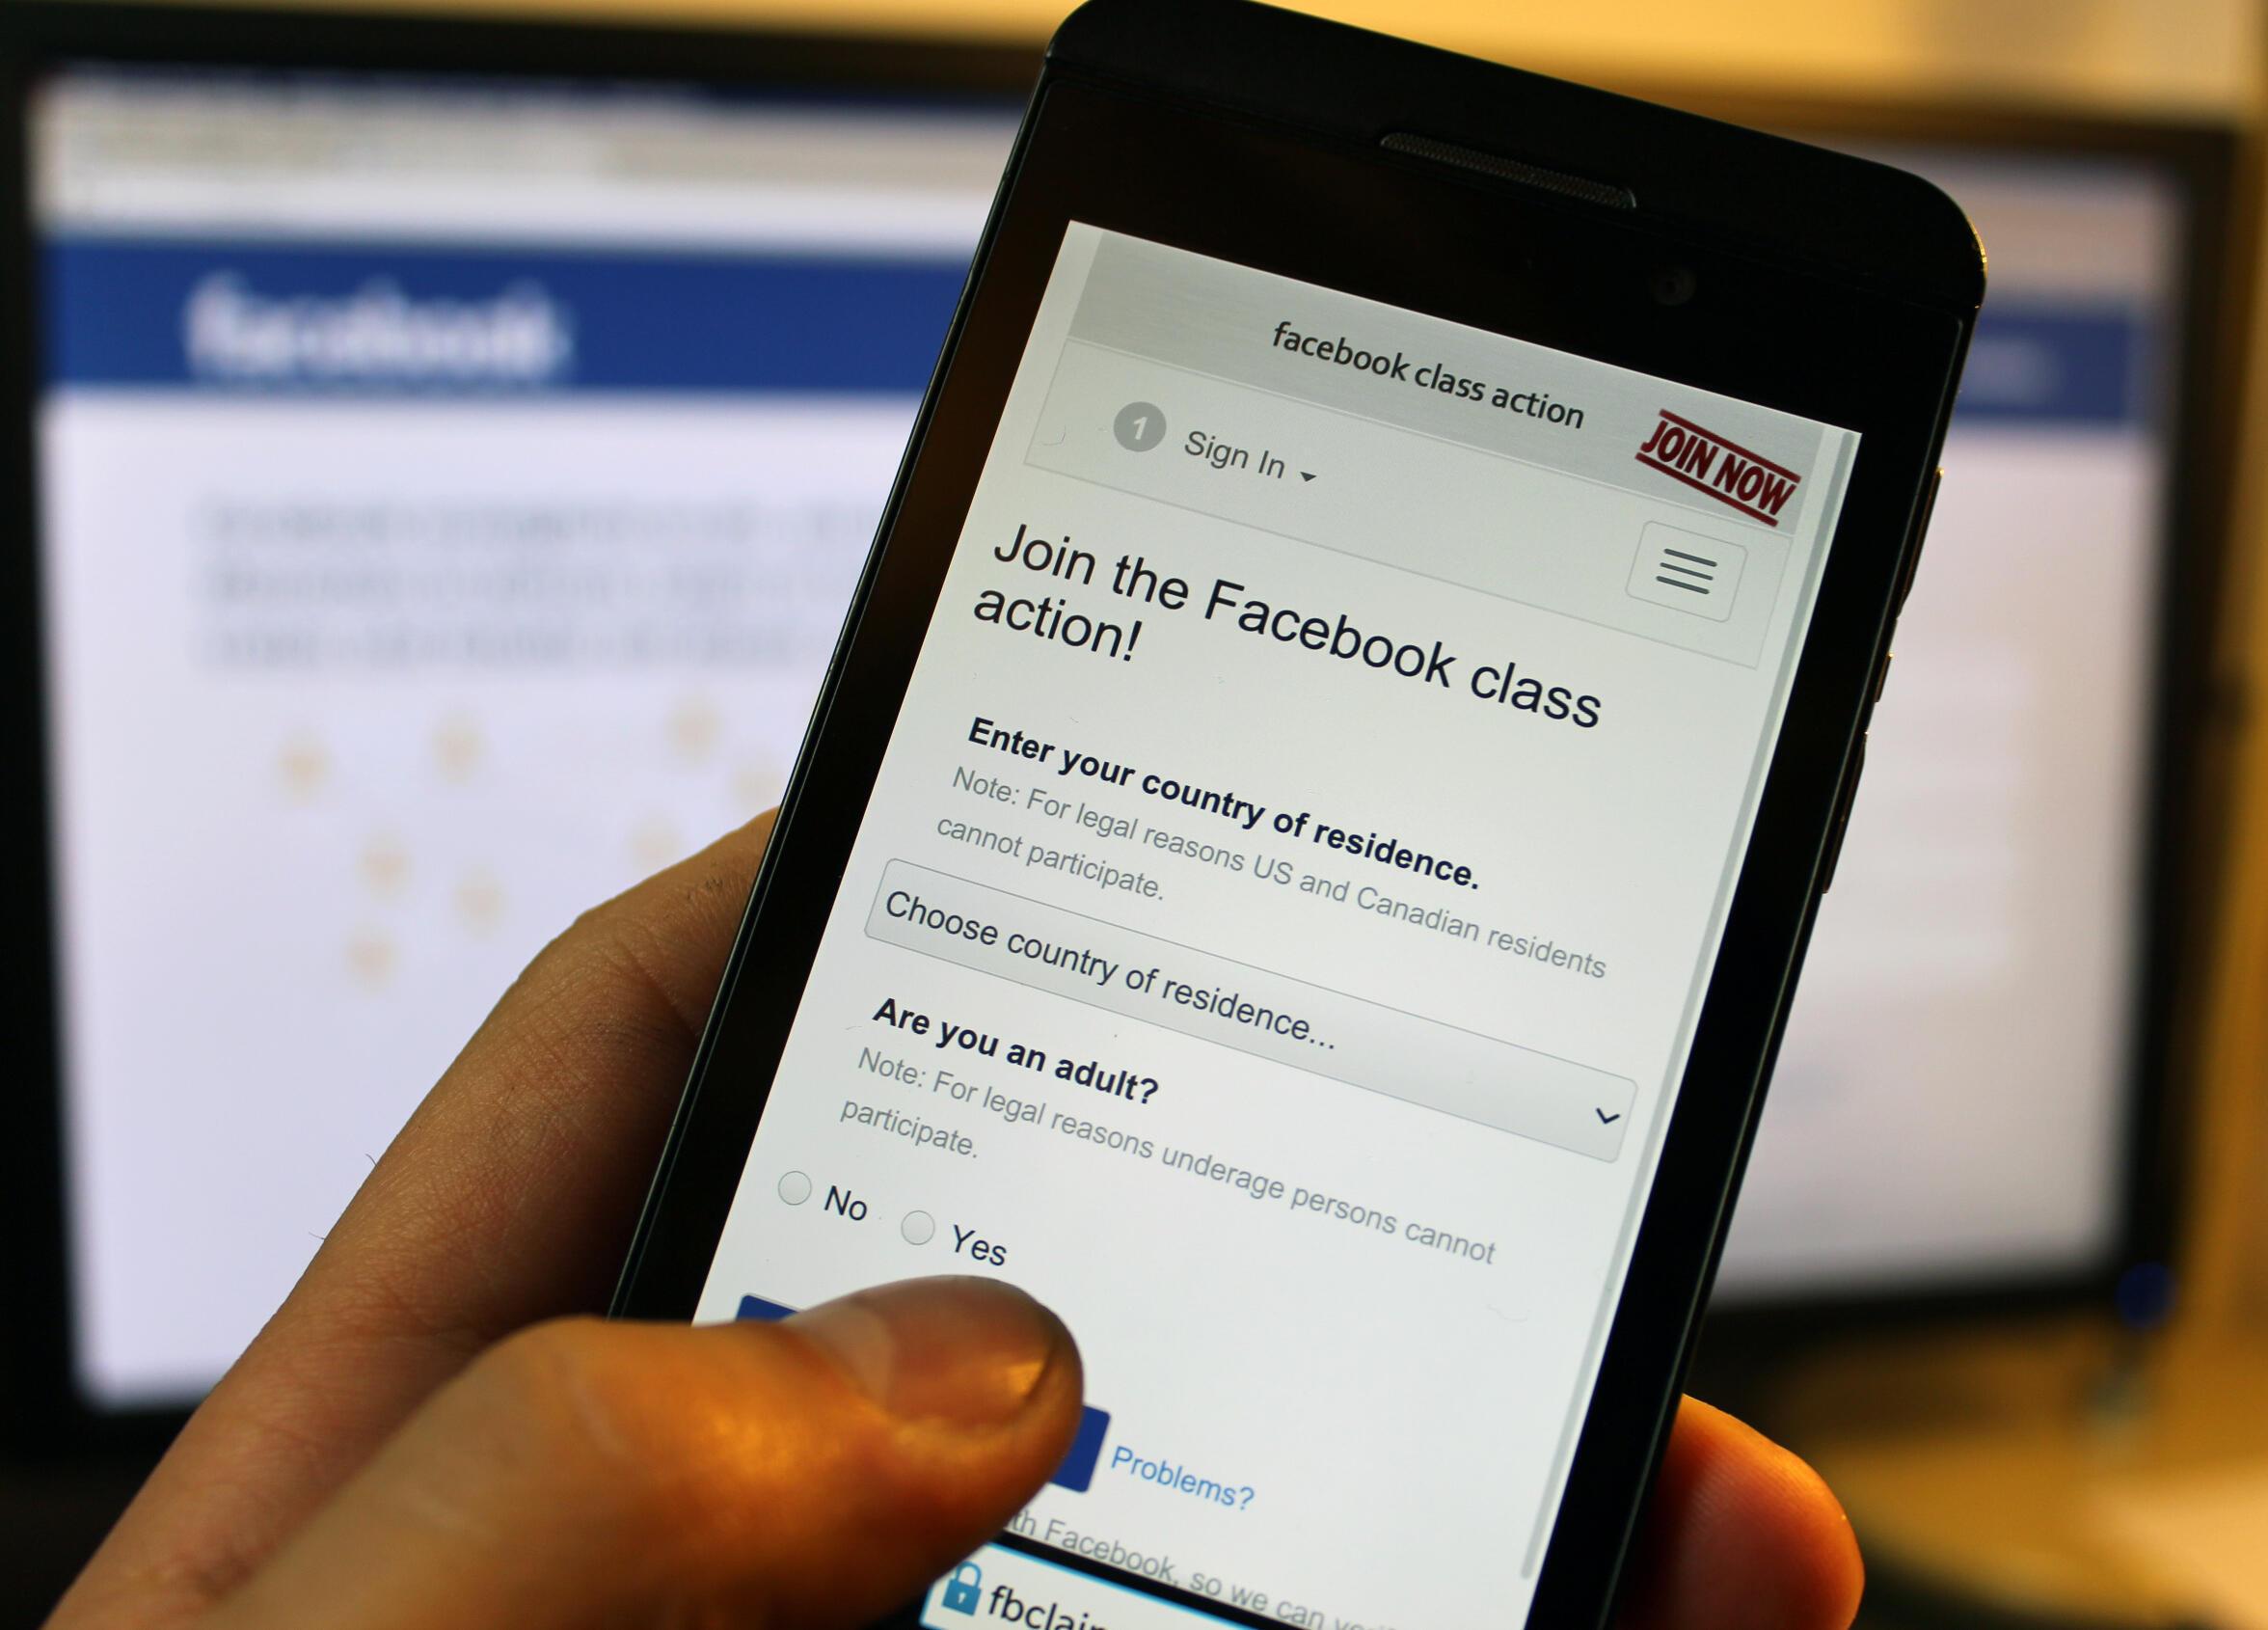 Une application pour rejoindre l'action collective contre Facebook a été créée.